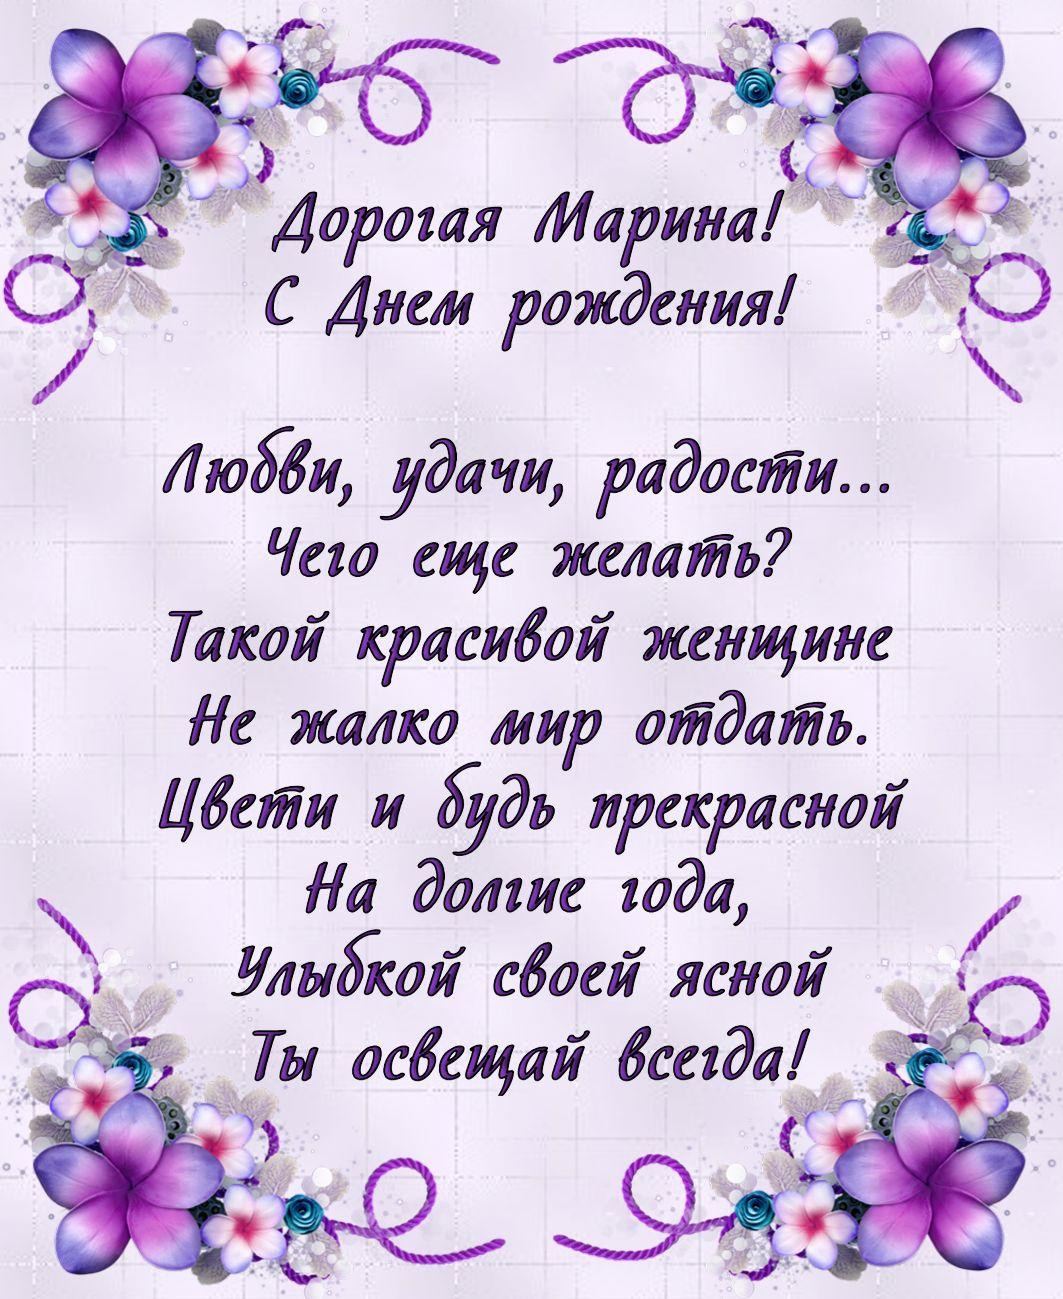 Пожелание на День рождения Марине